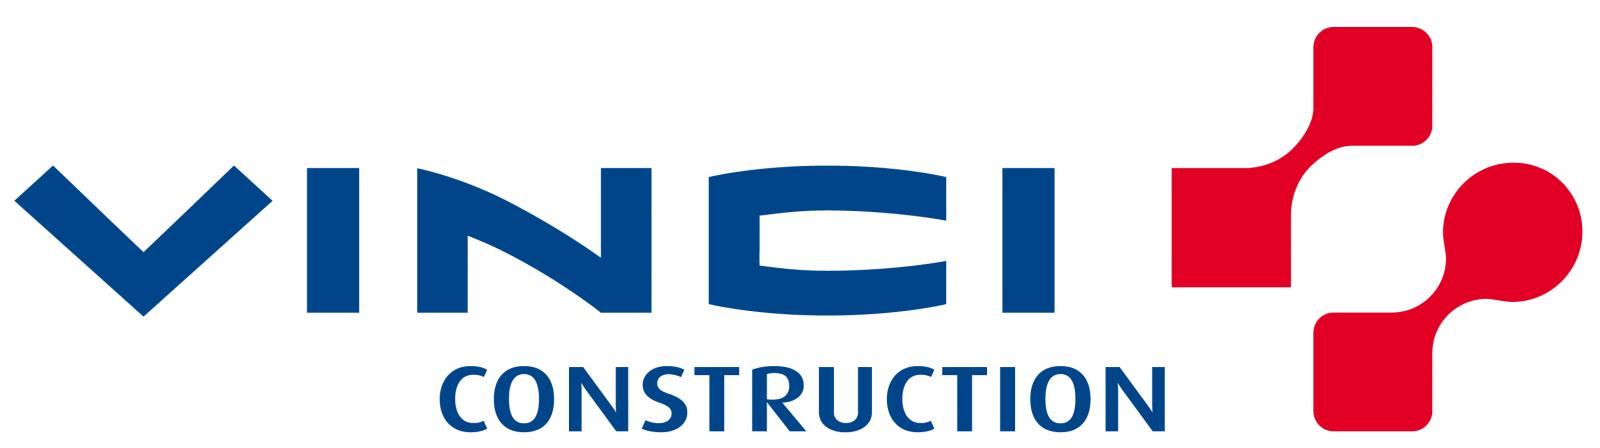 """Résultat de recherche d'images pour """"vinci construction logo"""""""